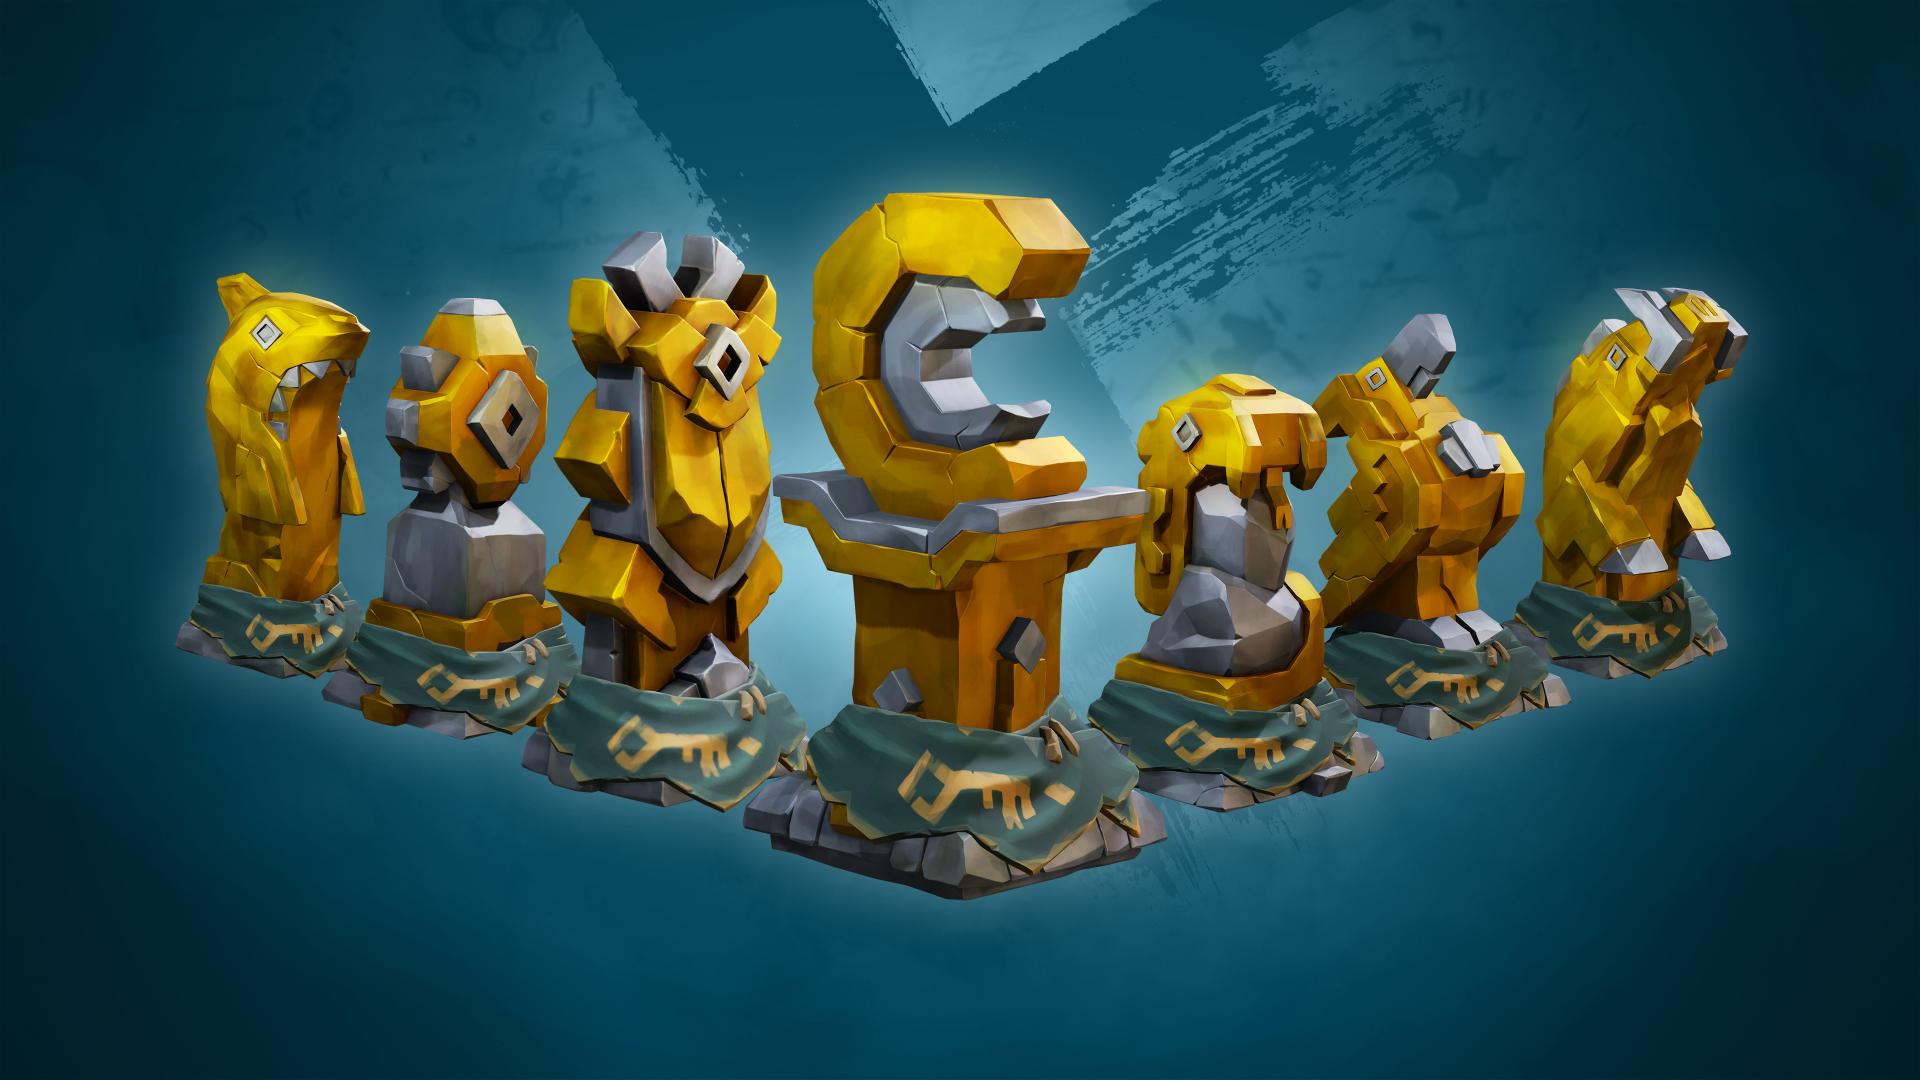 Icon for Golden Retriever